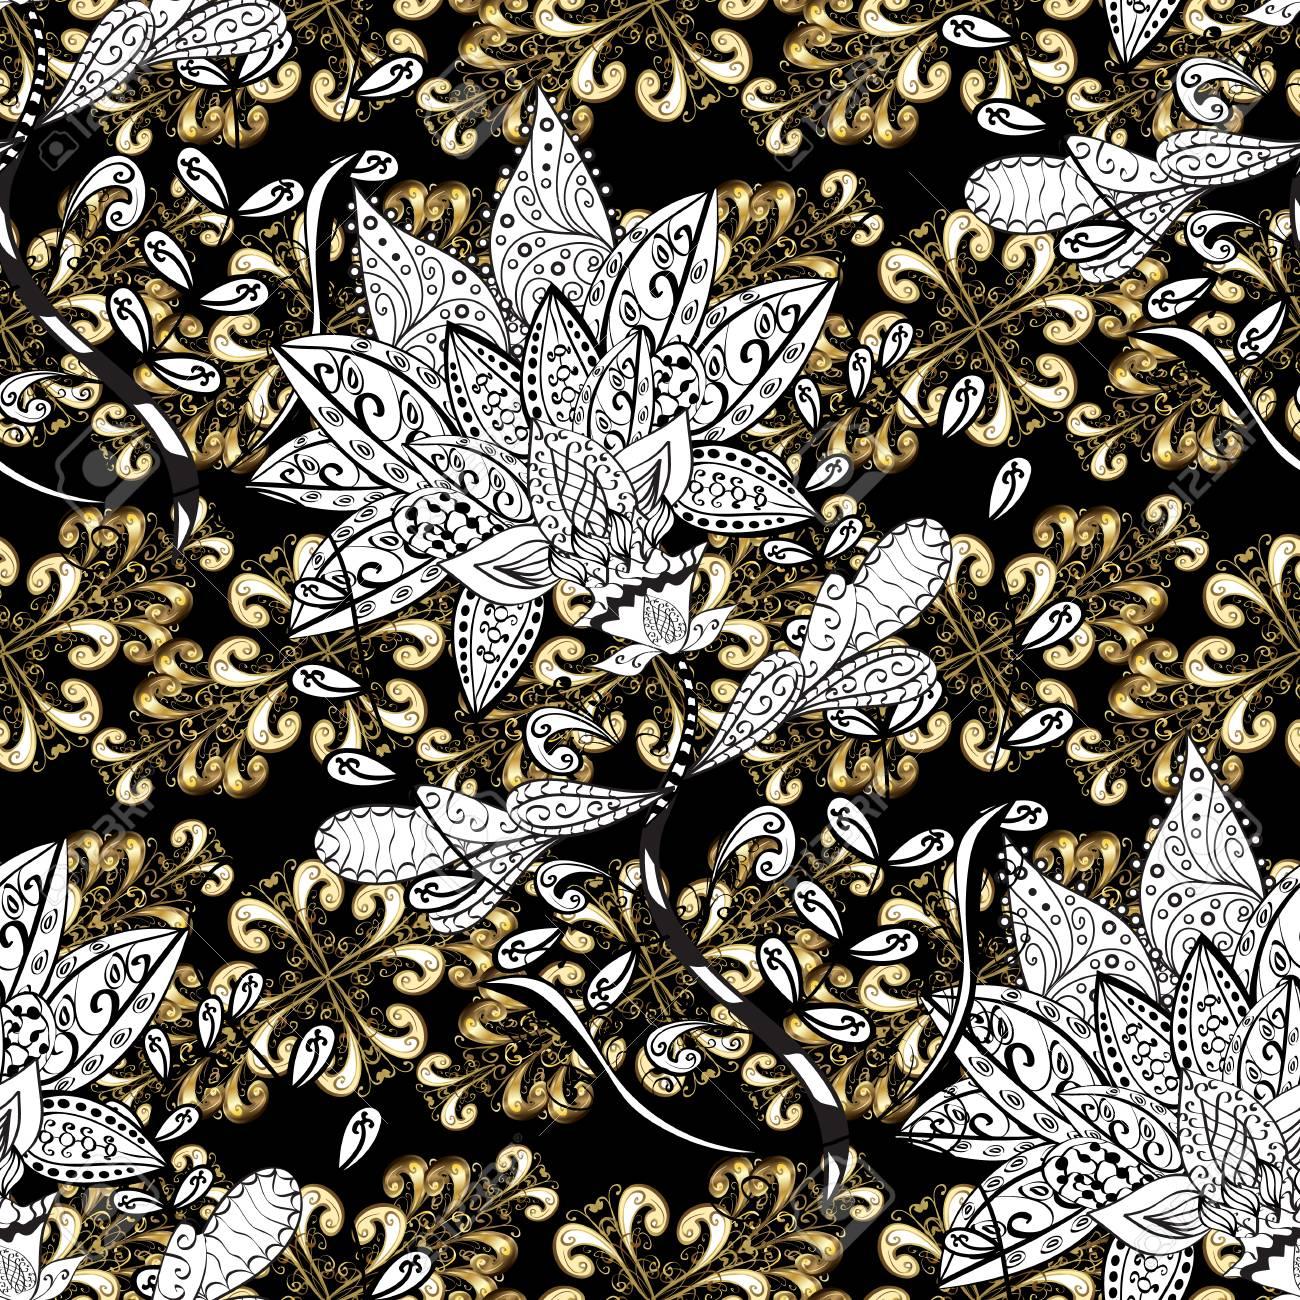 Golden Floral Wallpaper Golden Element On Black White And Beige